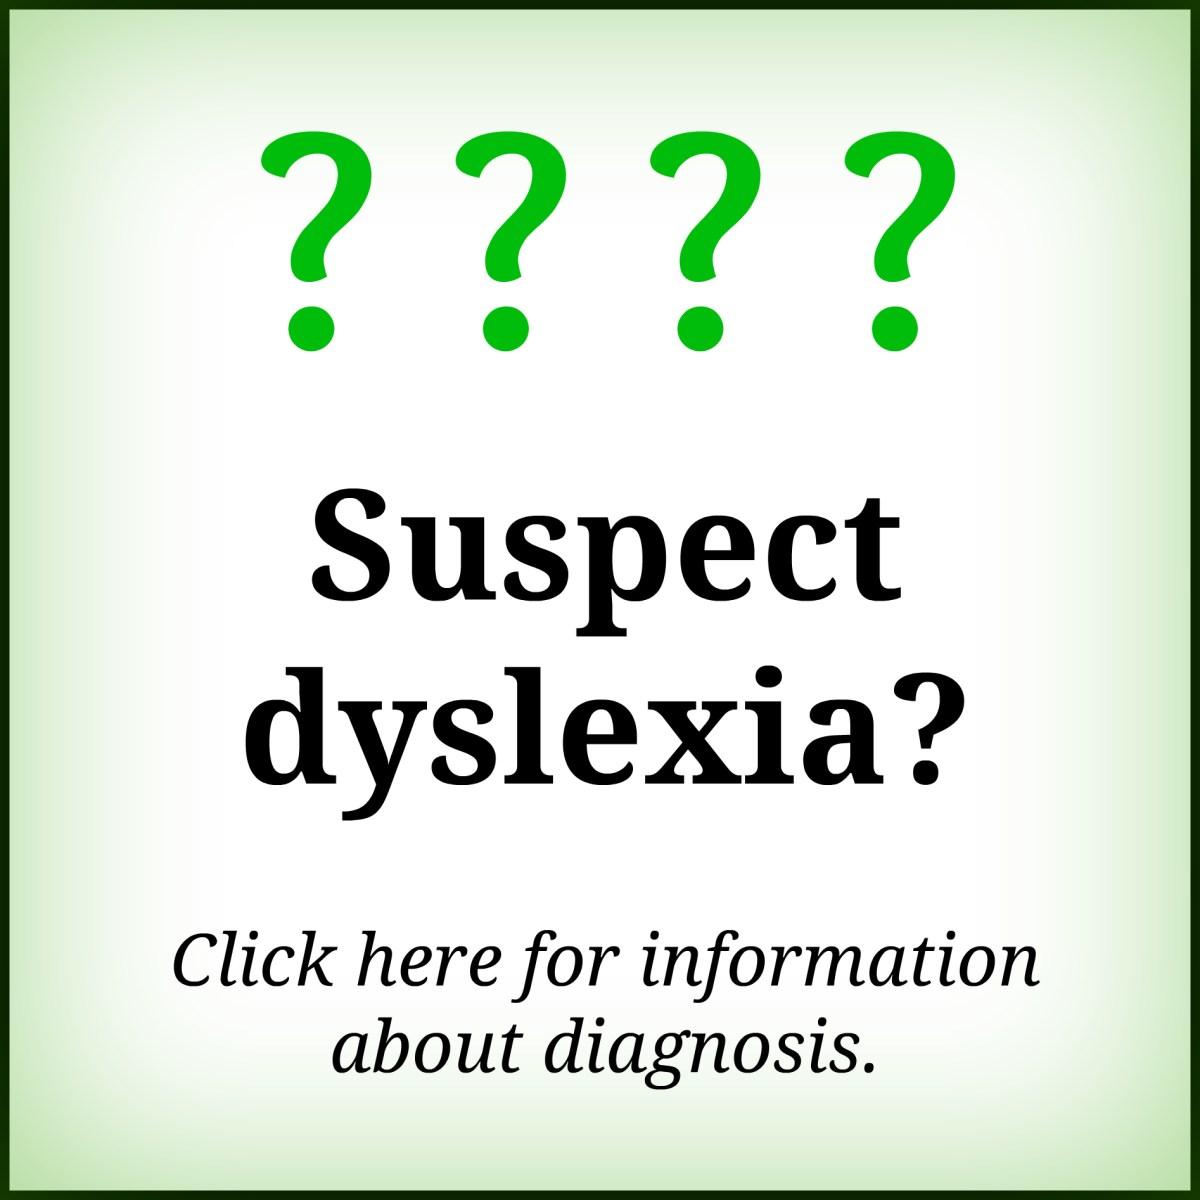 Suspect dyslexia